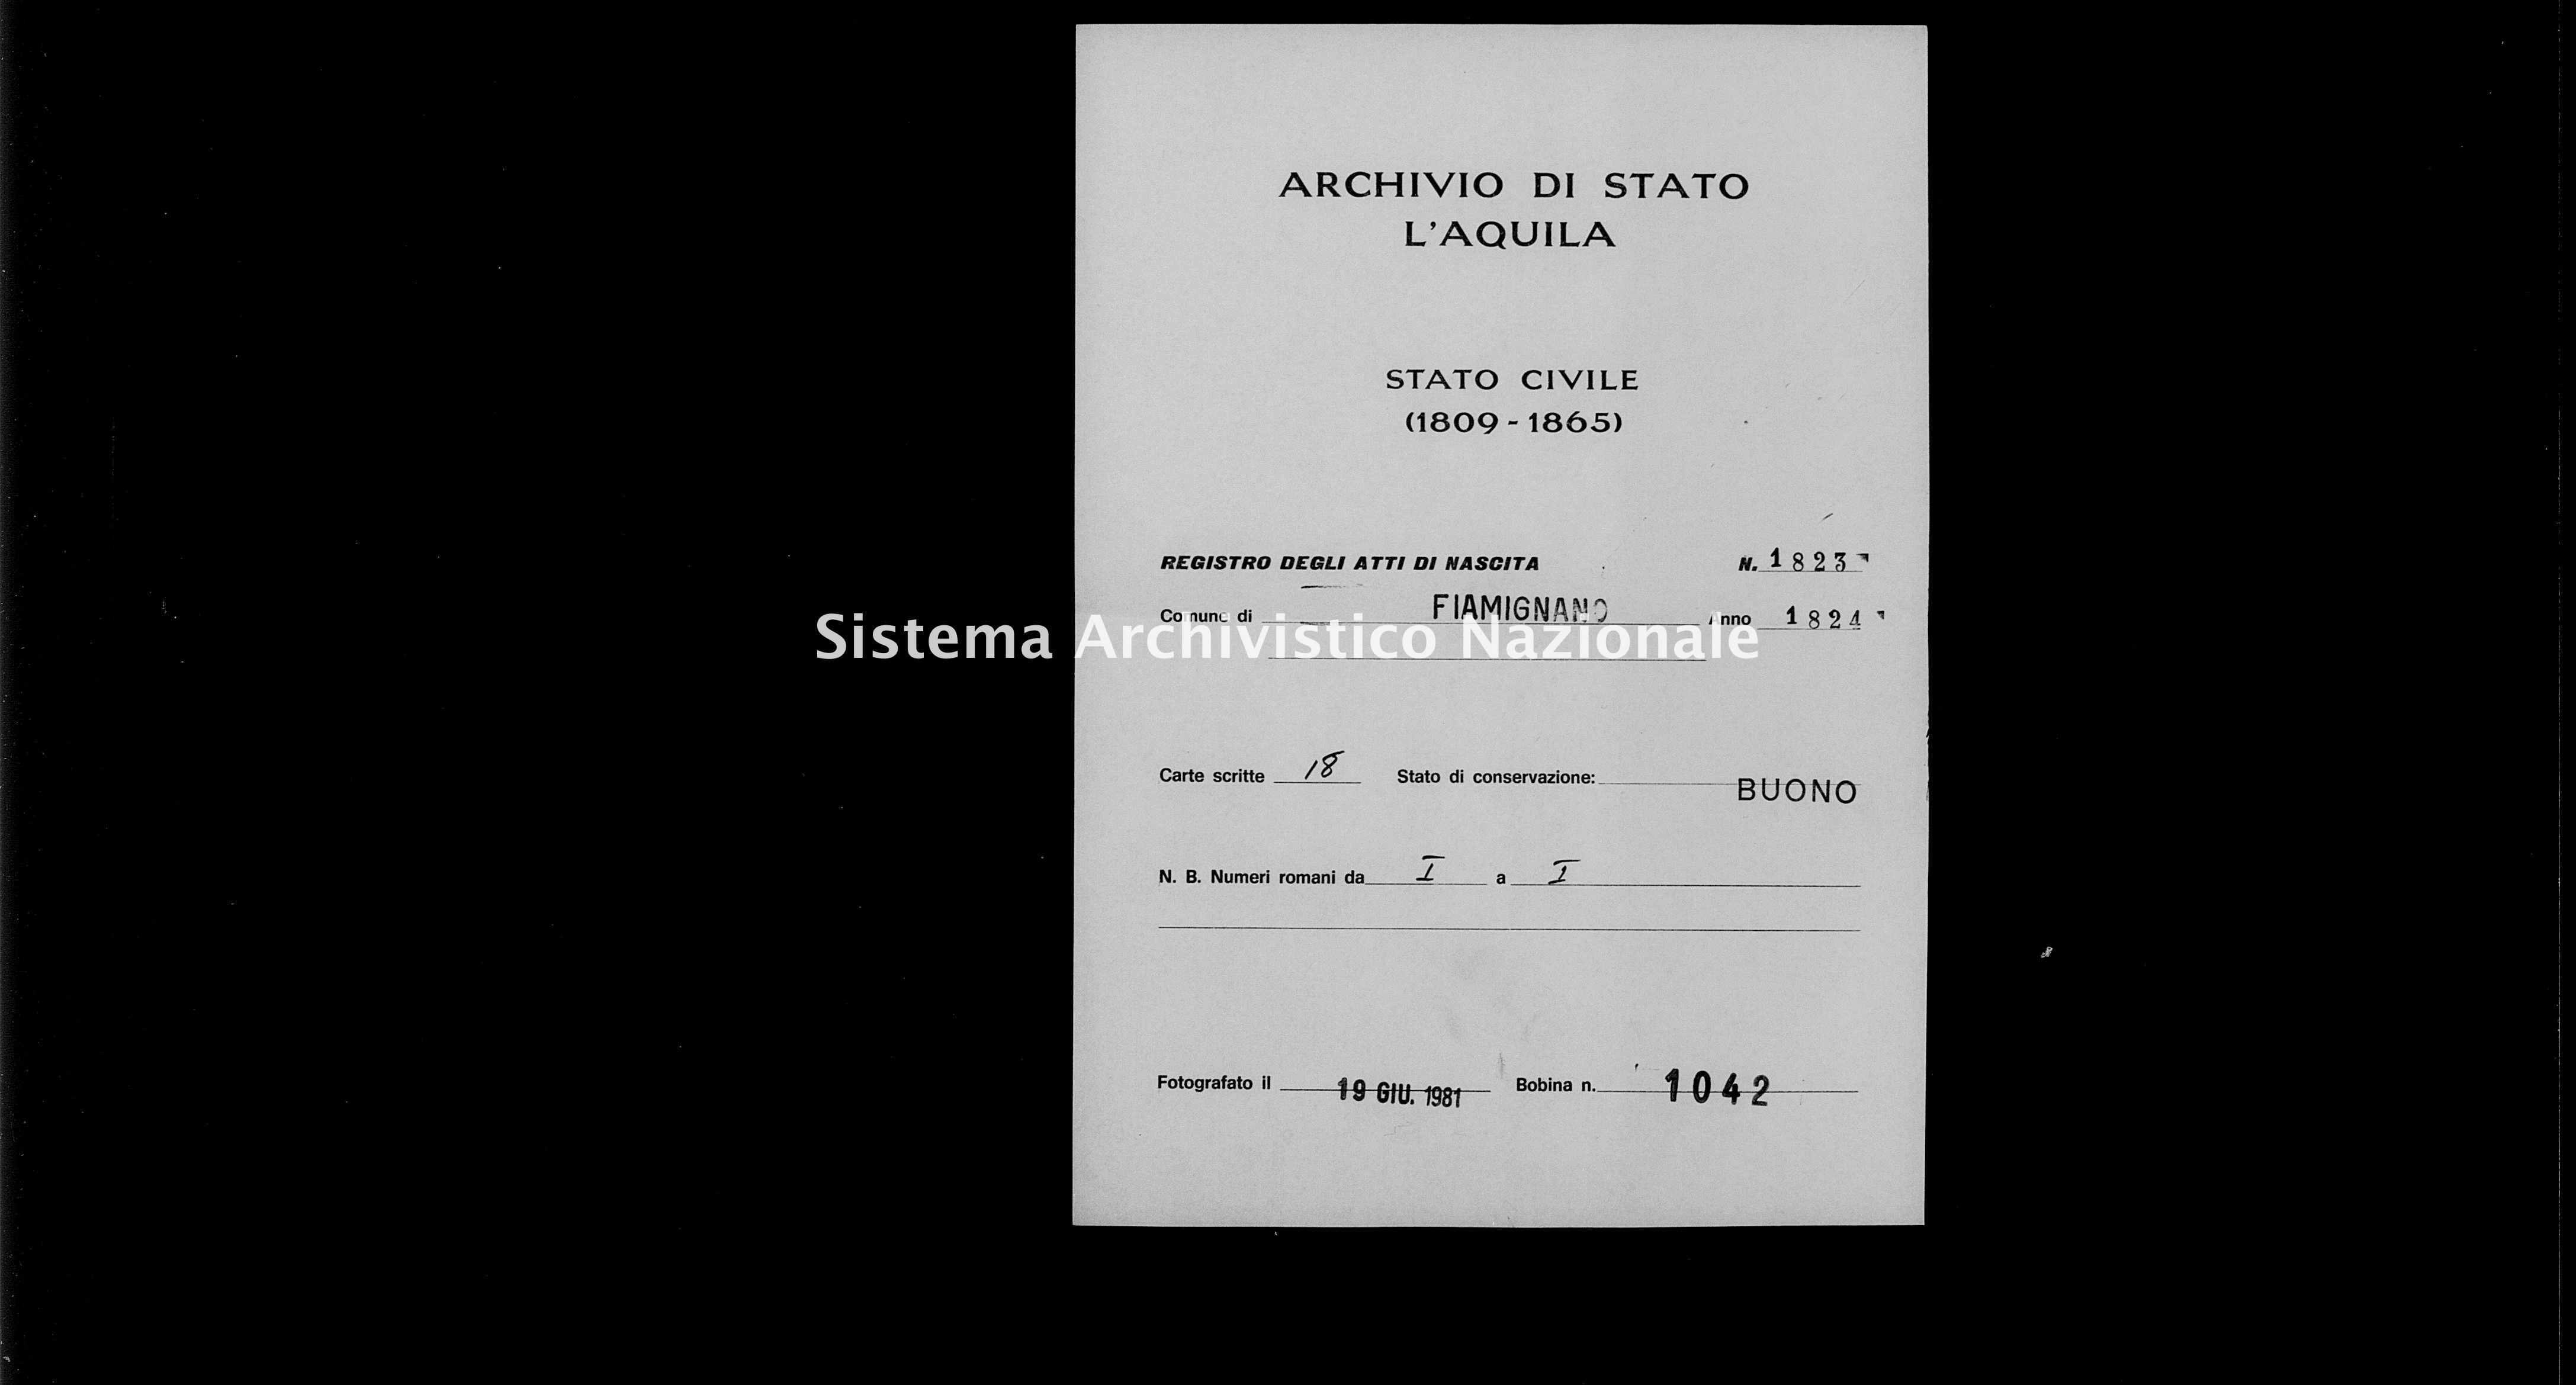 Archivio di stato di L'aquila - Stato civile della restaurazione - Fiamignano - Nati - 1824 - 1823 -